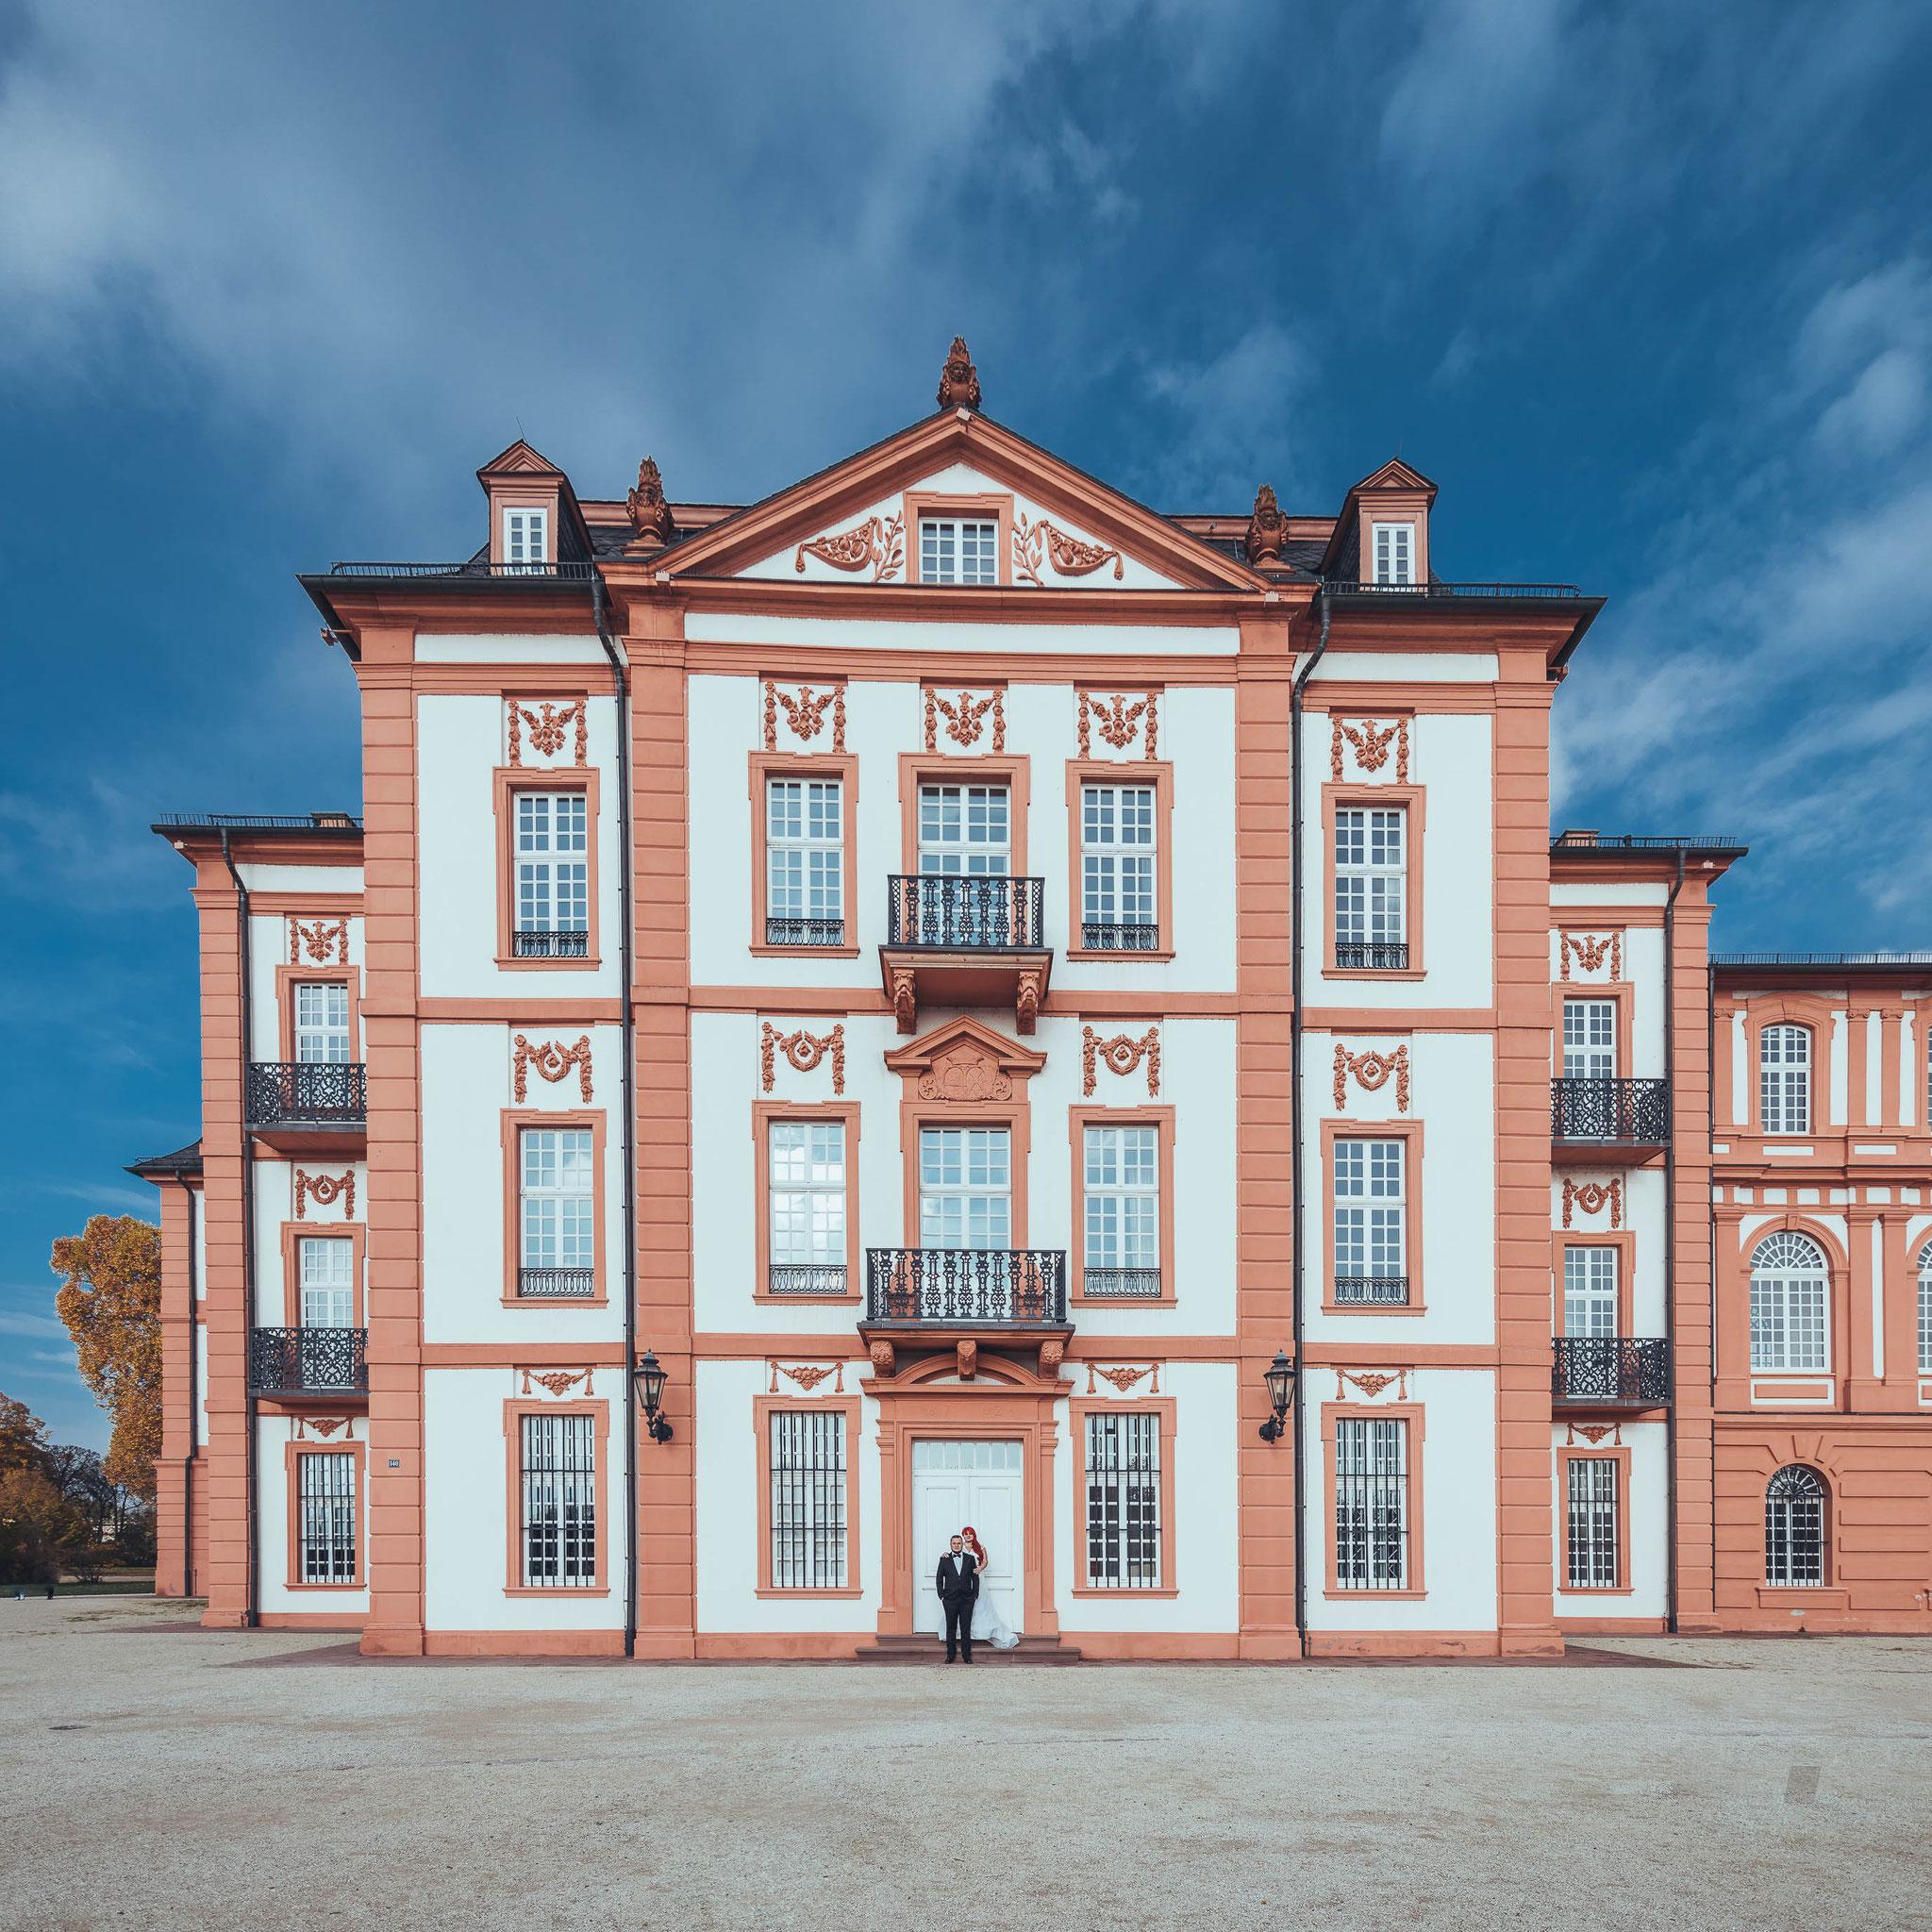 Foto und Video für internationale Hochzeit in Bad Homburg, Kassel, Mannheim, Koblenz, Bad Homburg